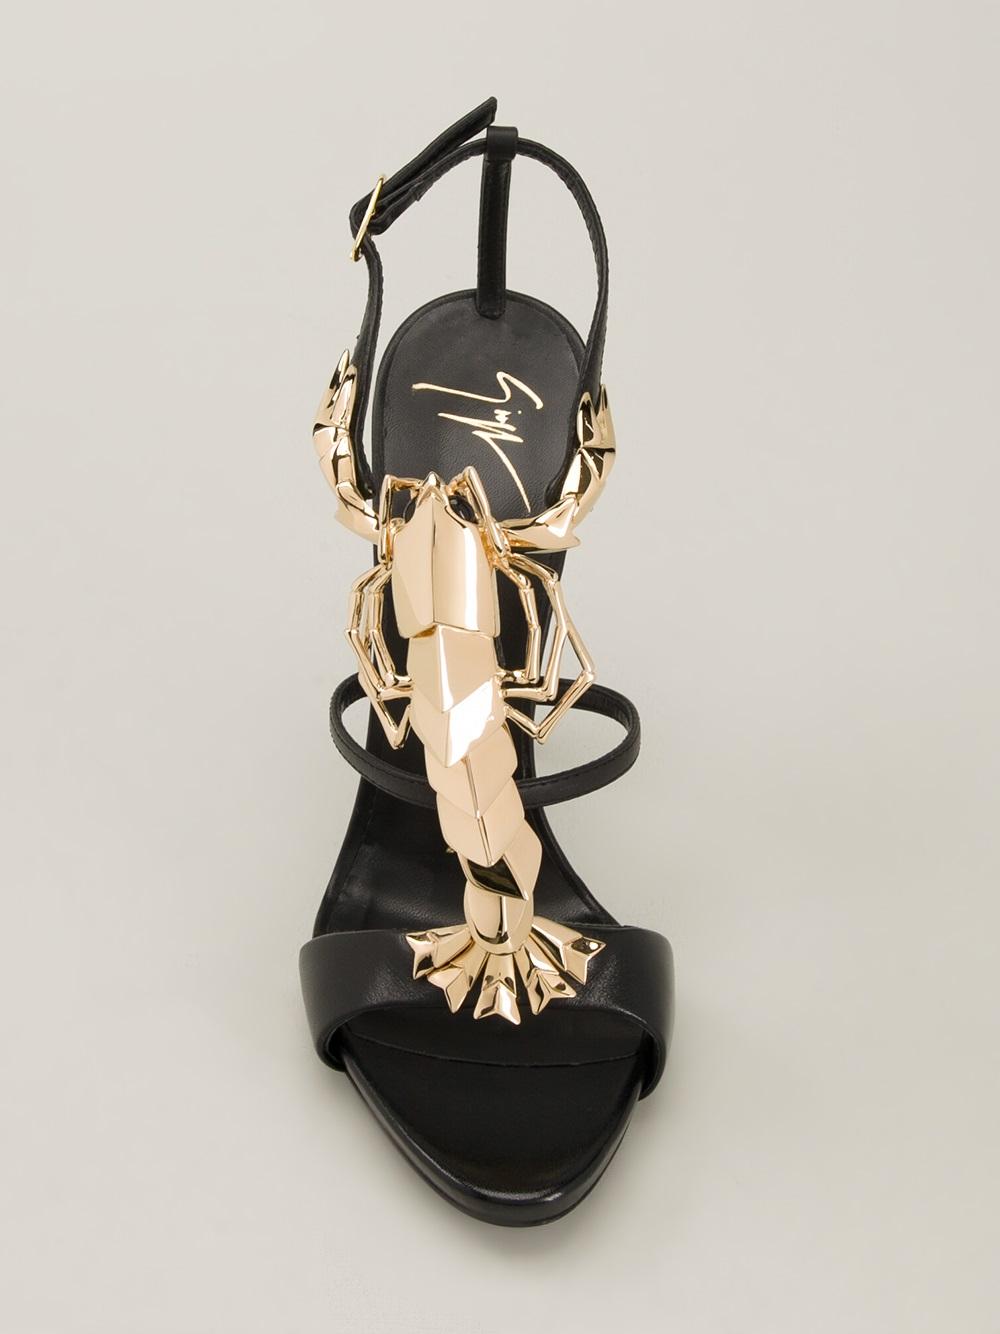 932e20a210ee6 Giuseppe Zanotti Lobster Jewel Sandals in Black - Lyst